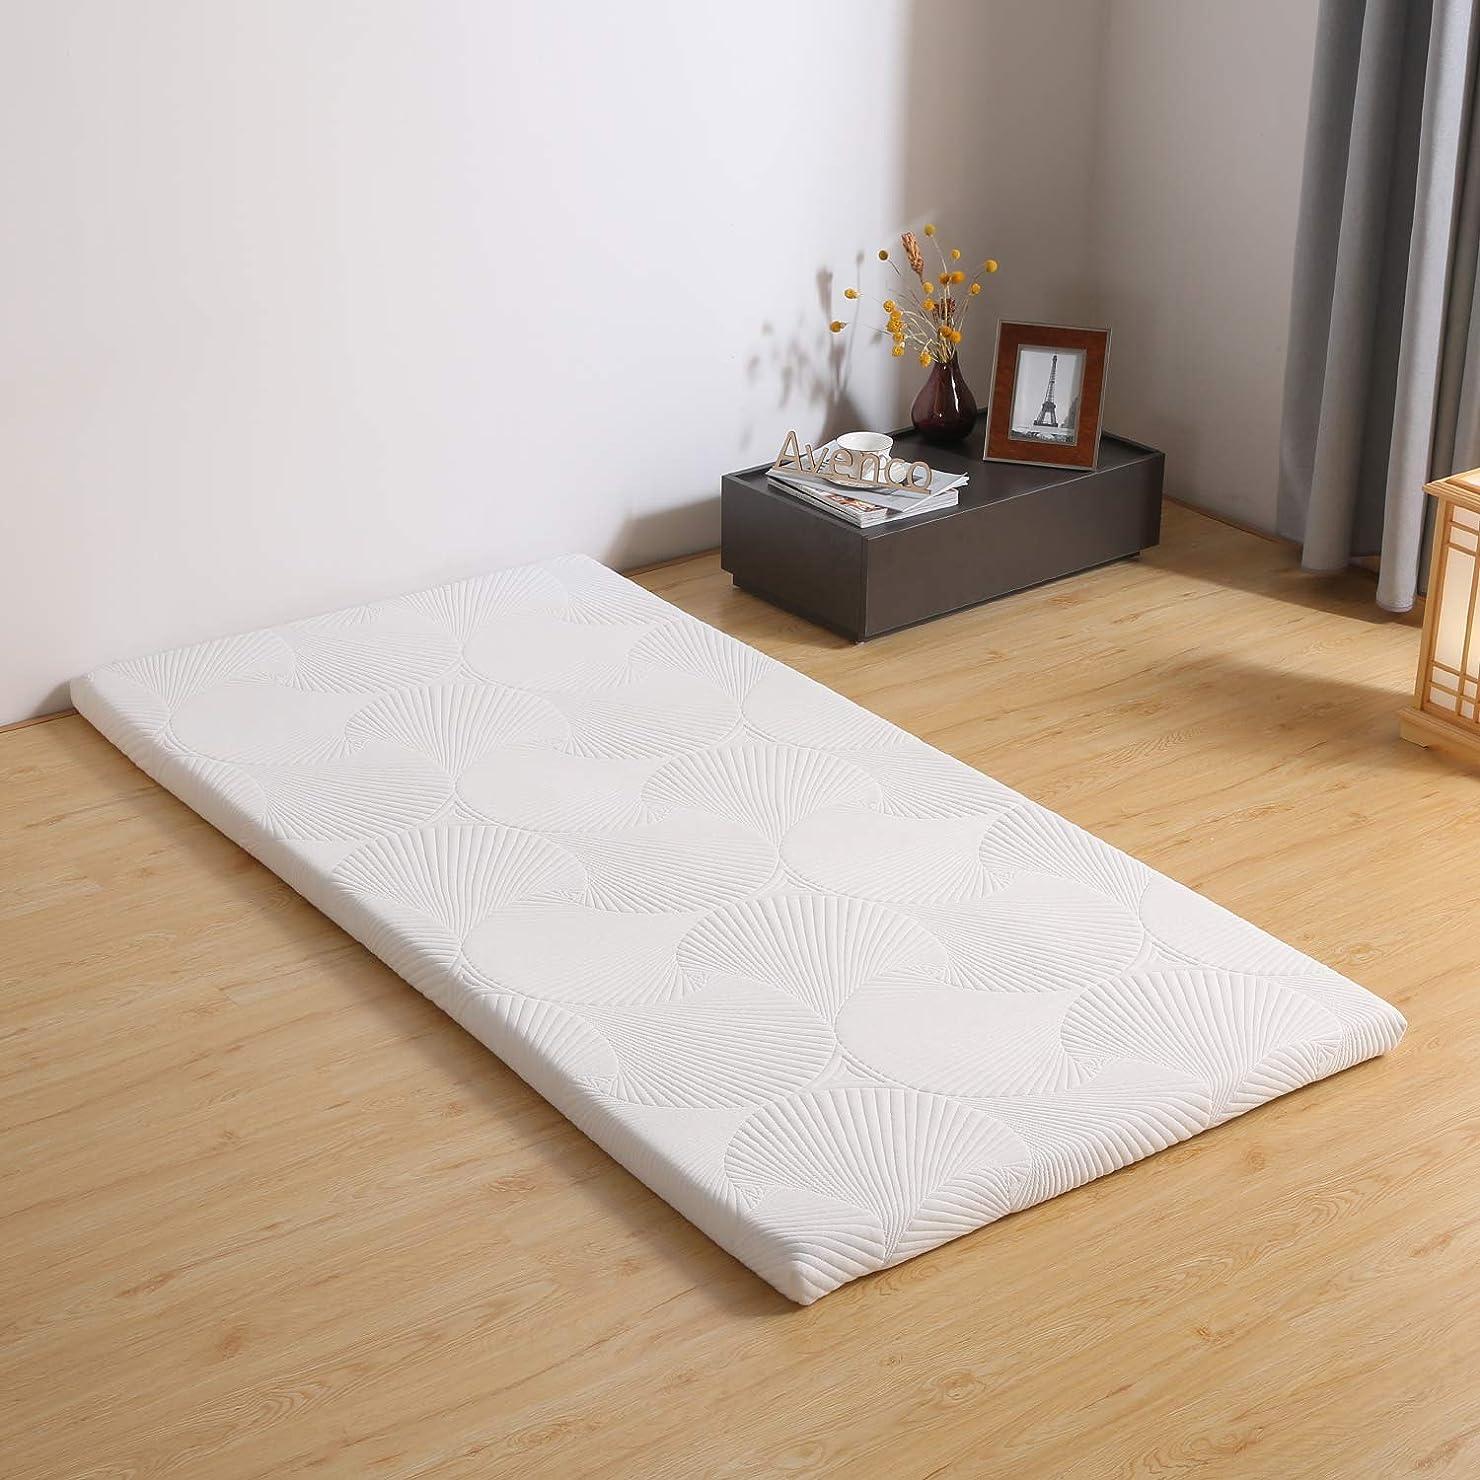 剥ぎ取る一般化するパノラマAvenco マットレス マットレスシングル 白 100x200x3cm 寝具 敷布団 腰痛改善 収納袋付き カバー洗える 高反発マットレス